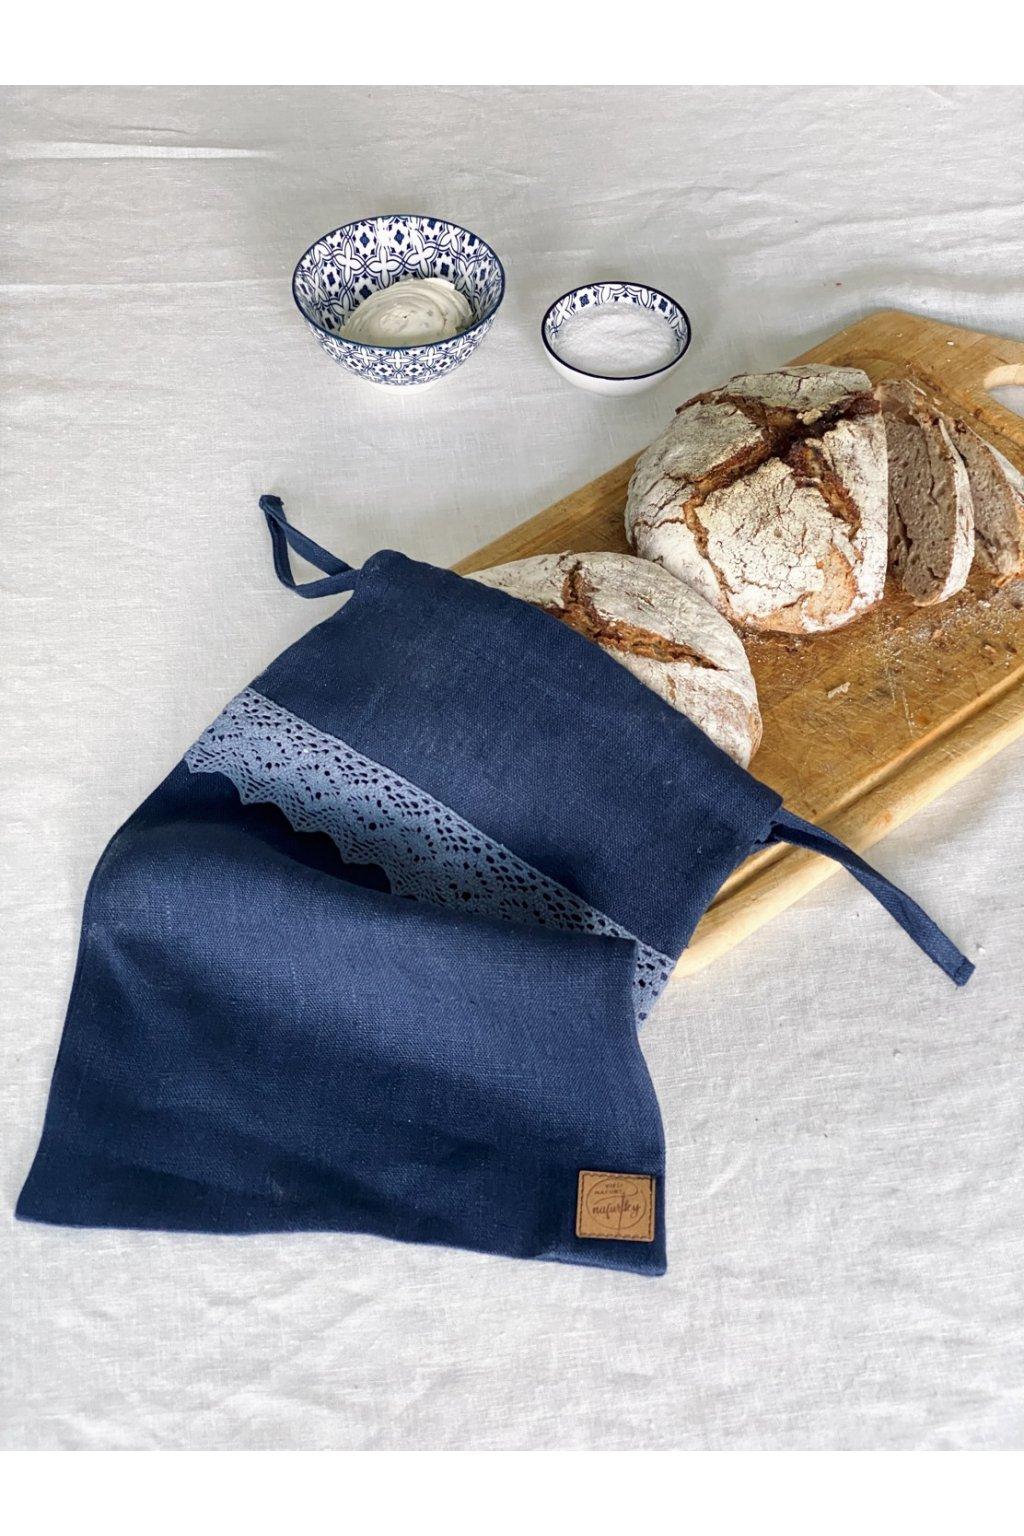 Lněný pytlík na chléb modrá